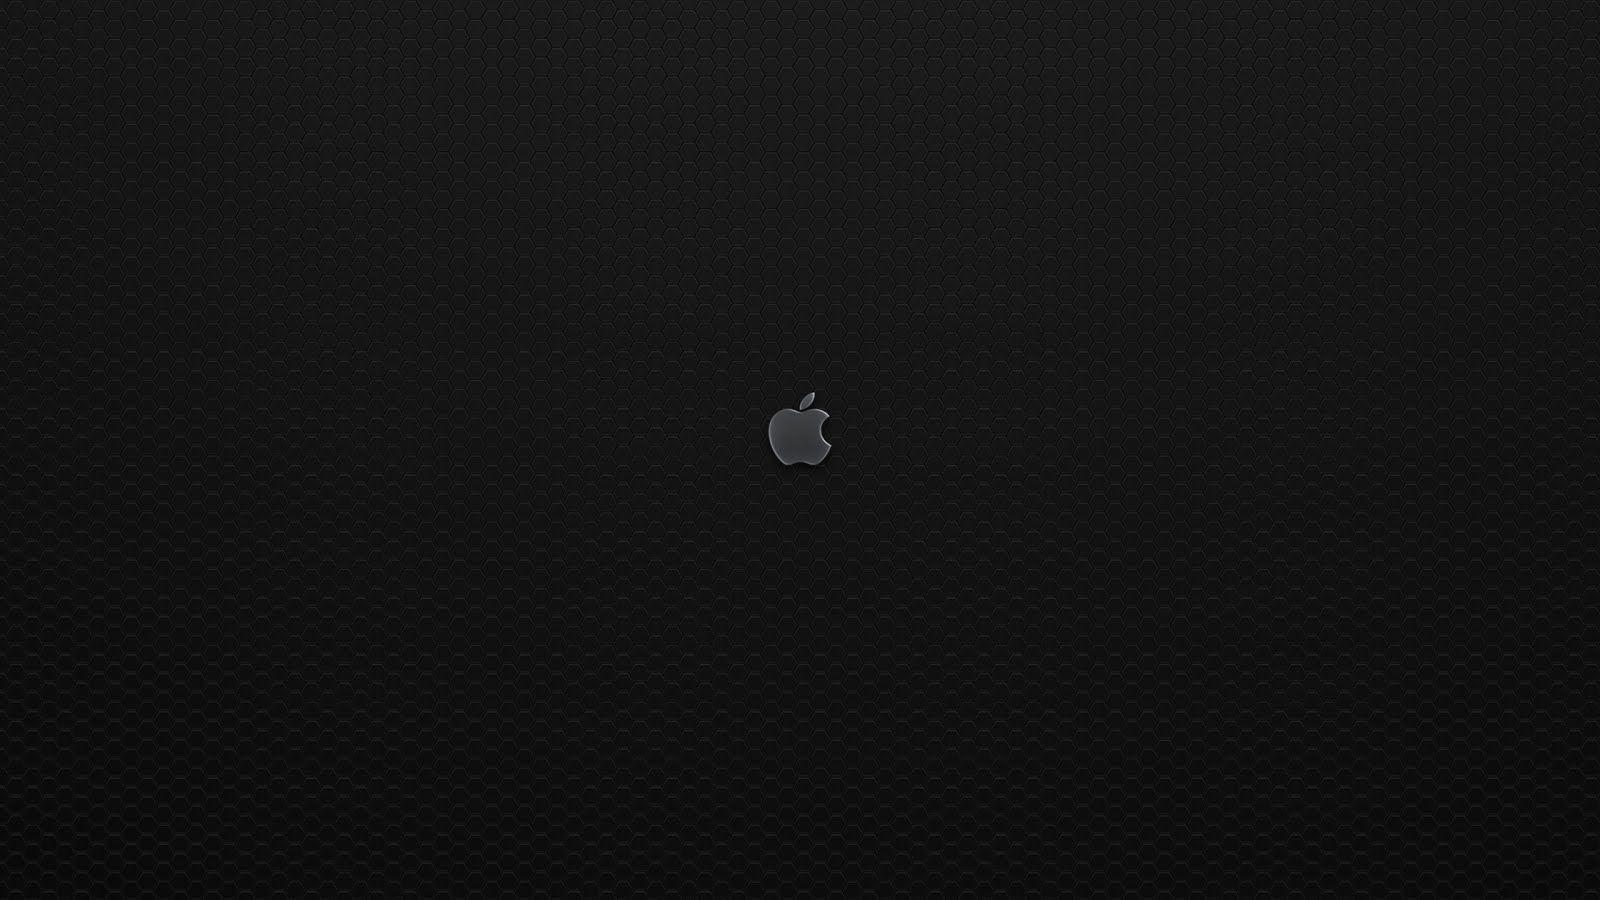 Hd Wallpapers 1080p Mac 65 Images: Black Mac Hd Wallpapers 1080p